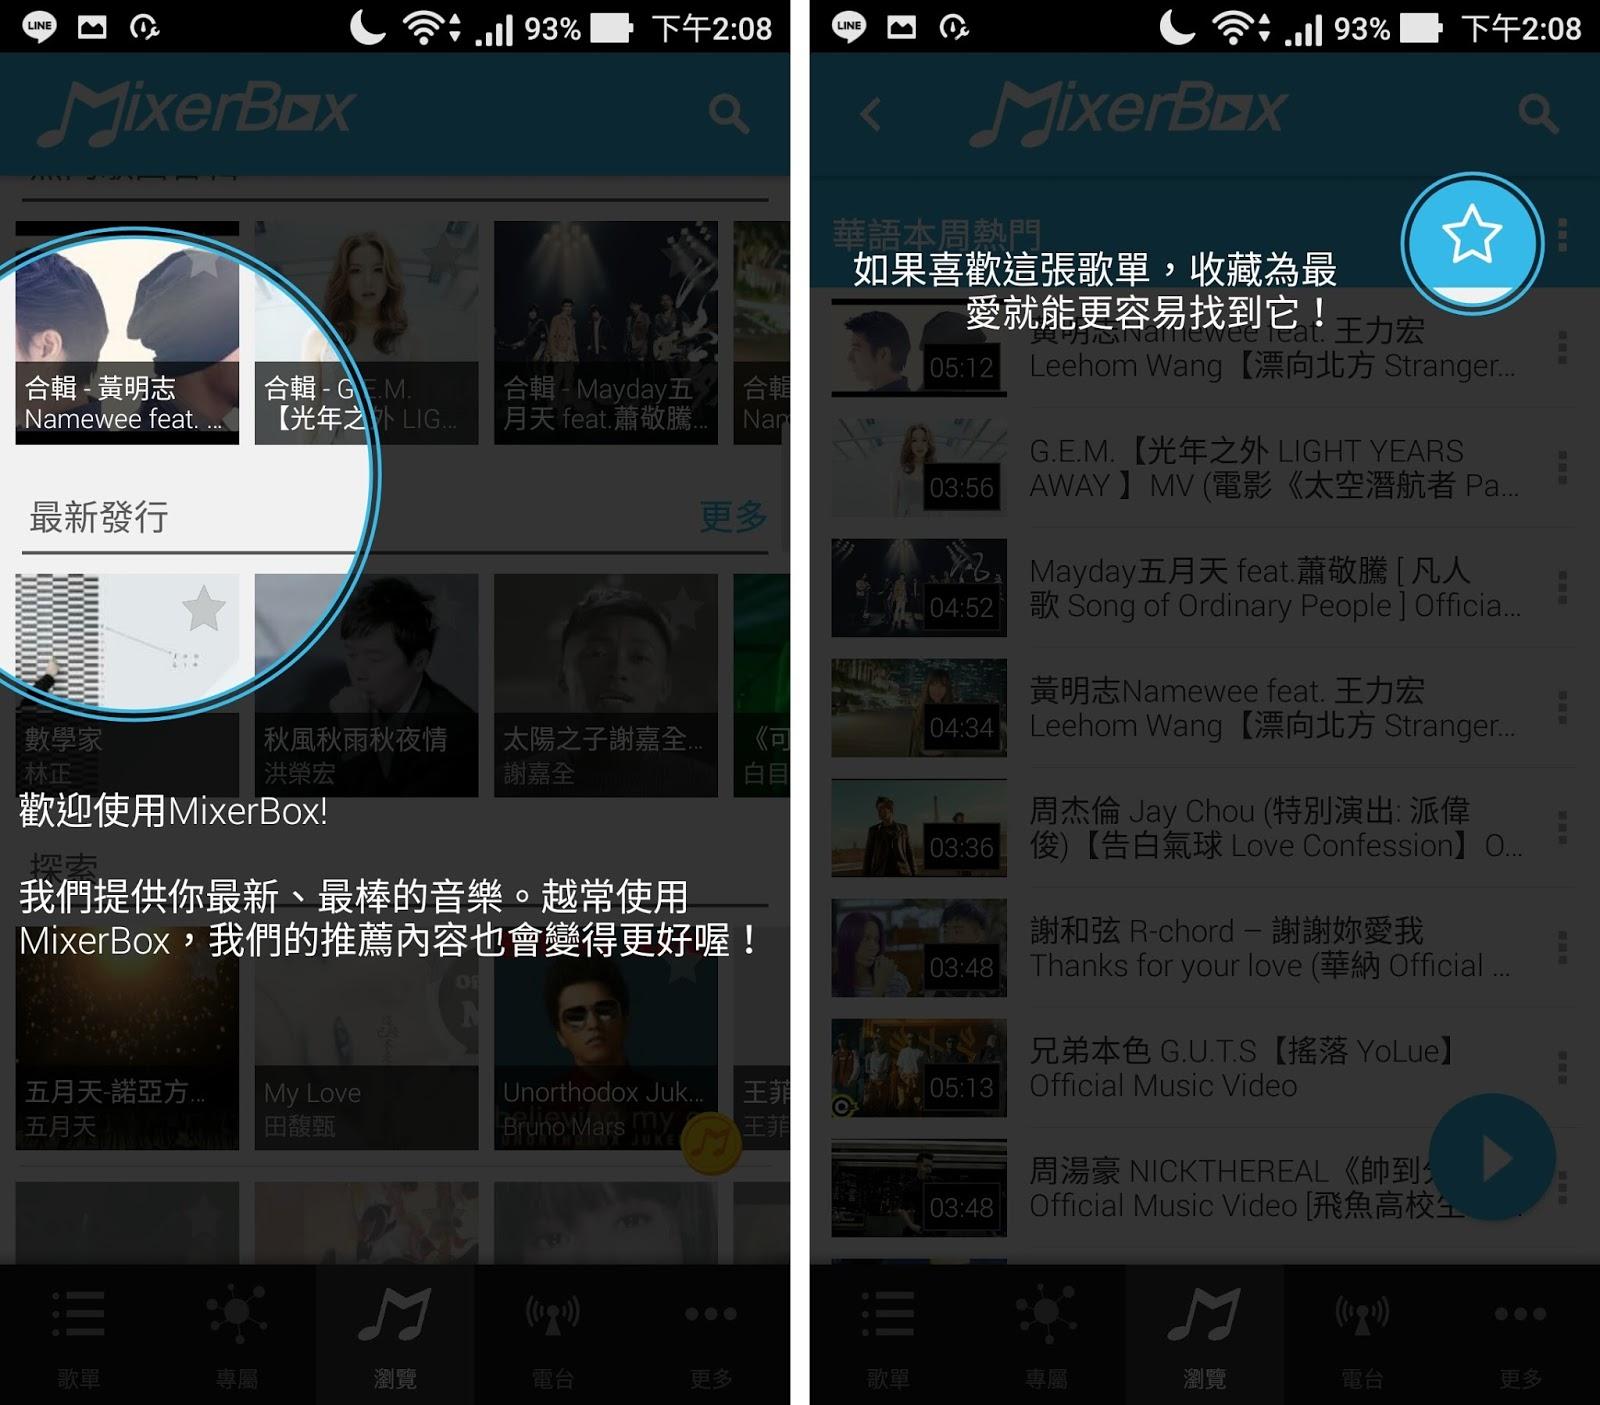 Screenshot 20170416 140832 - MixerBox - 手機免費聽音樂,歌單整理超方便的聽歌App